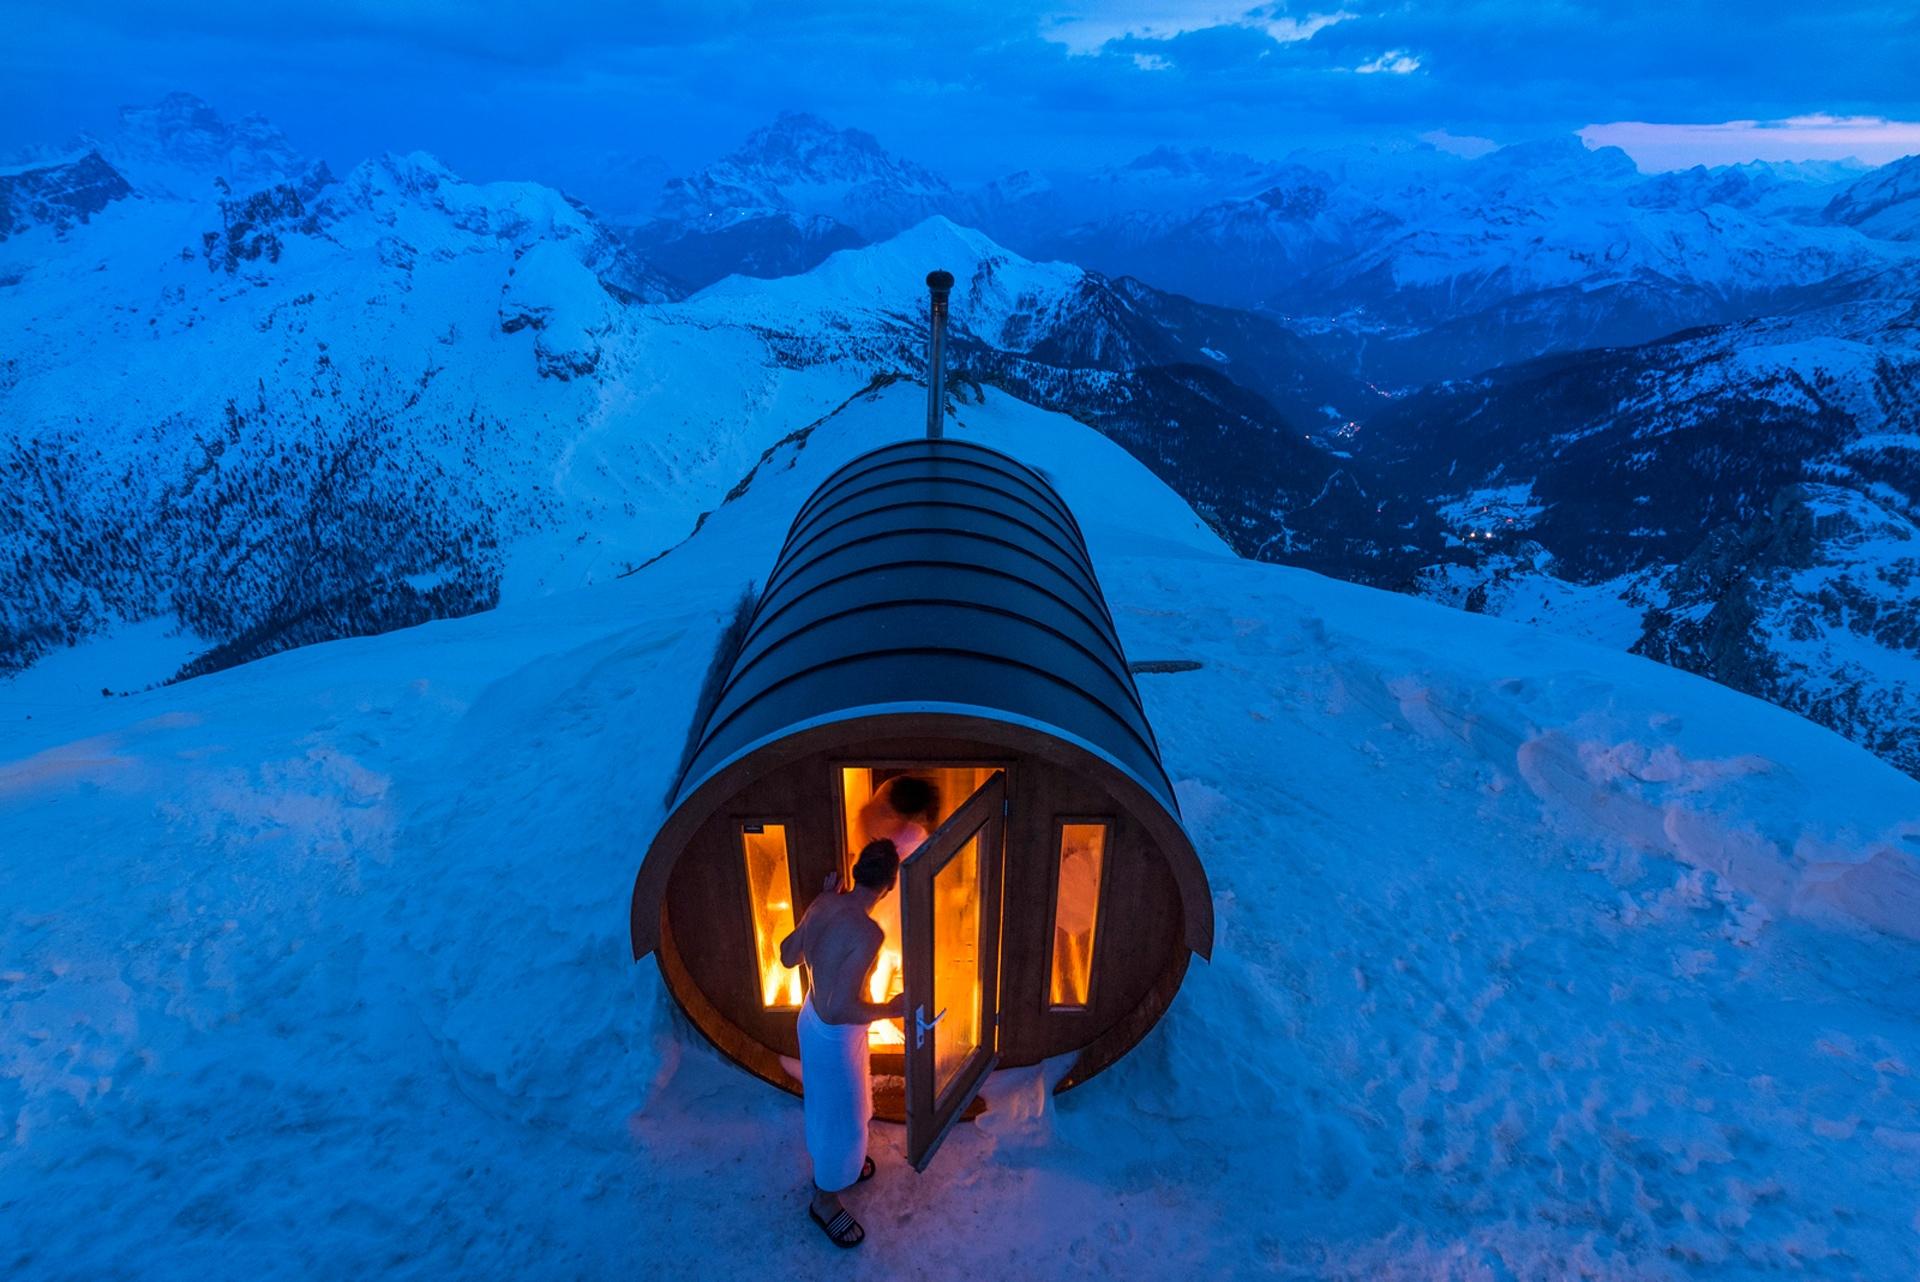 """""""Sauna a 2,8 mil metros, em Dolomites, no Monte Lagazuoi, em Cortina, Alpes Italianos"""", por Stefano Zardini"""